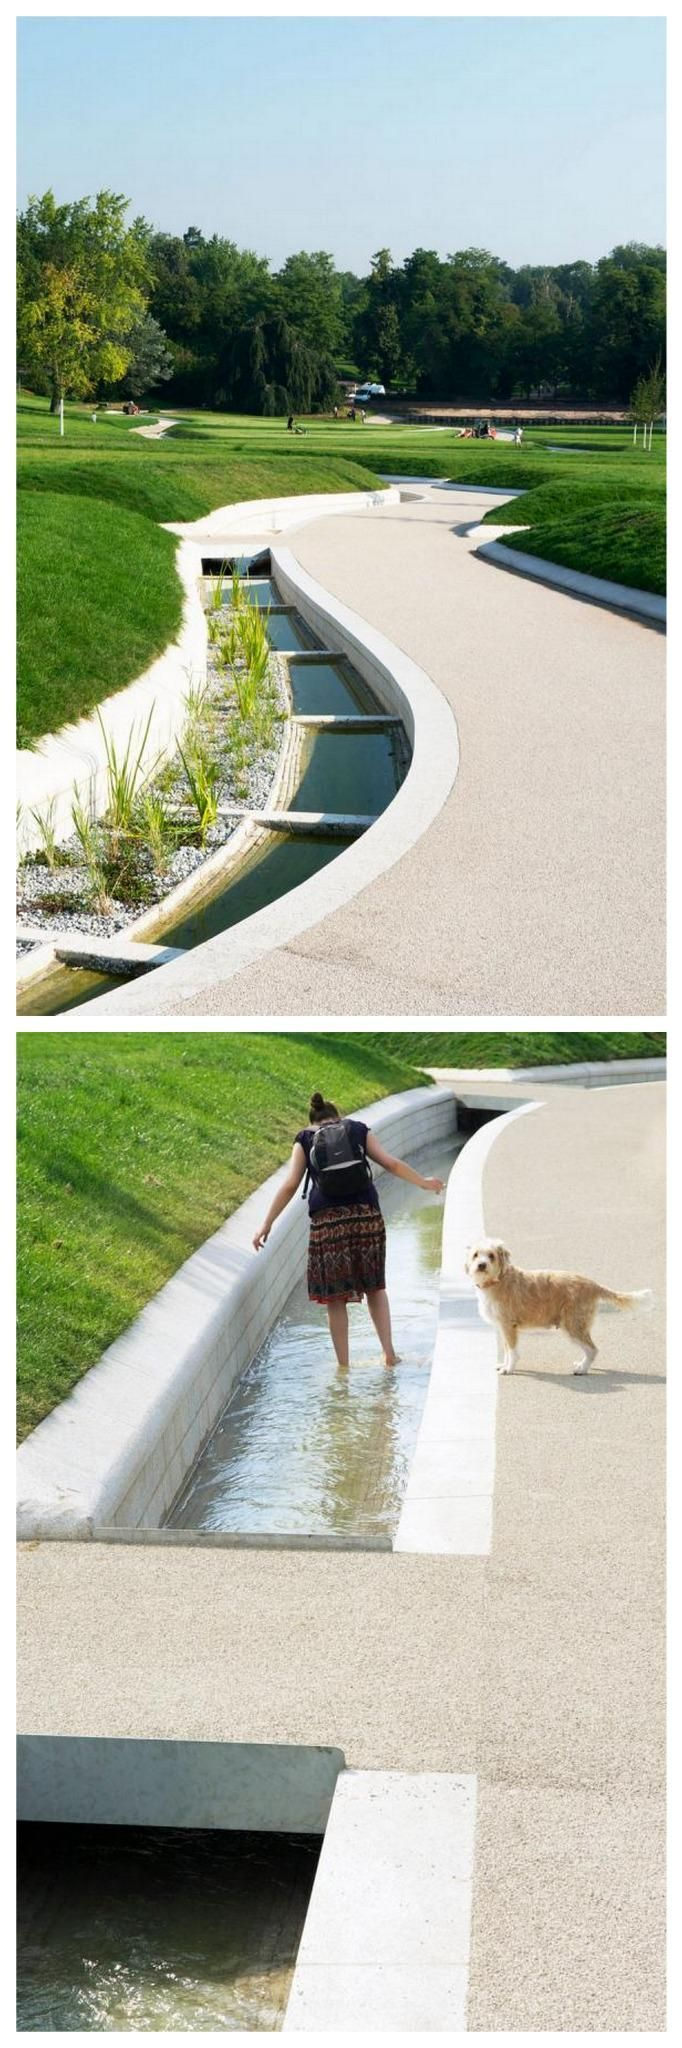 Future Park Killesberg, Stuttgart by Rainer Schmidt Landschaftsarchitektur. Click image for link to full profile and visit the http://slowottawa.ca boards >> https://www.pinterest.com/slowottawa/